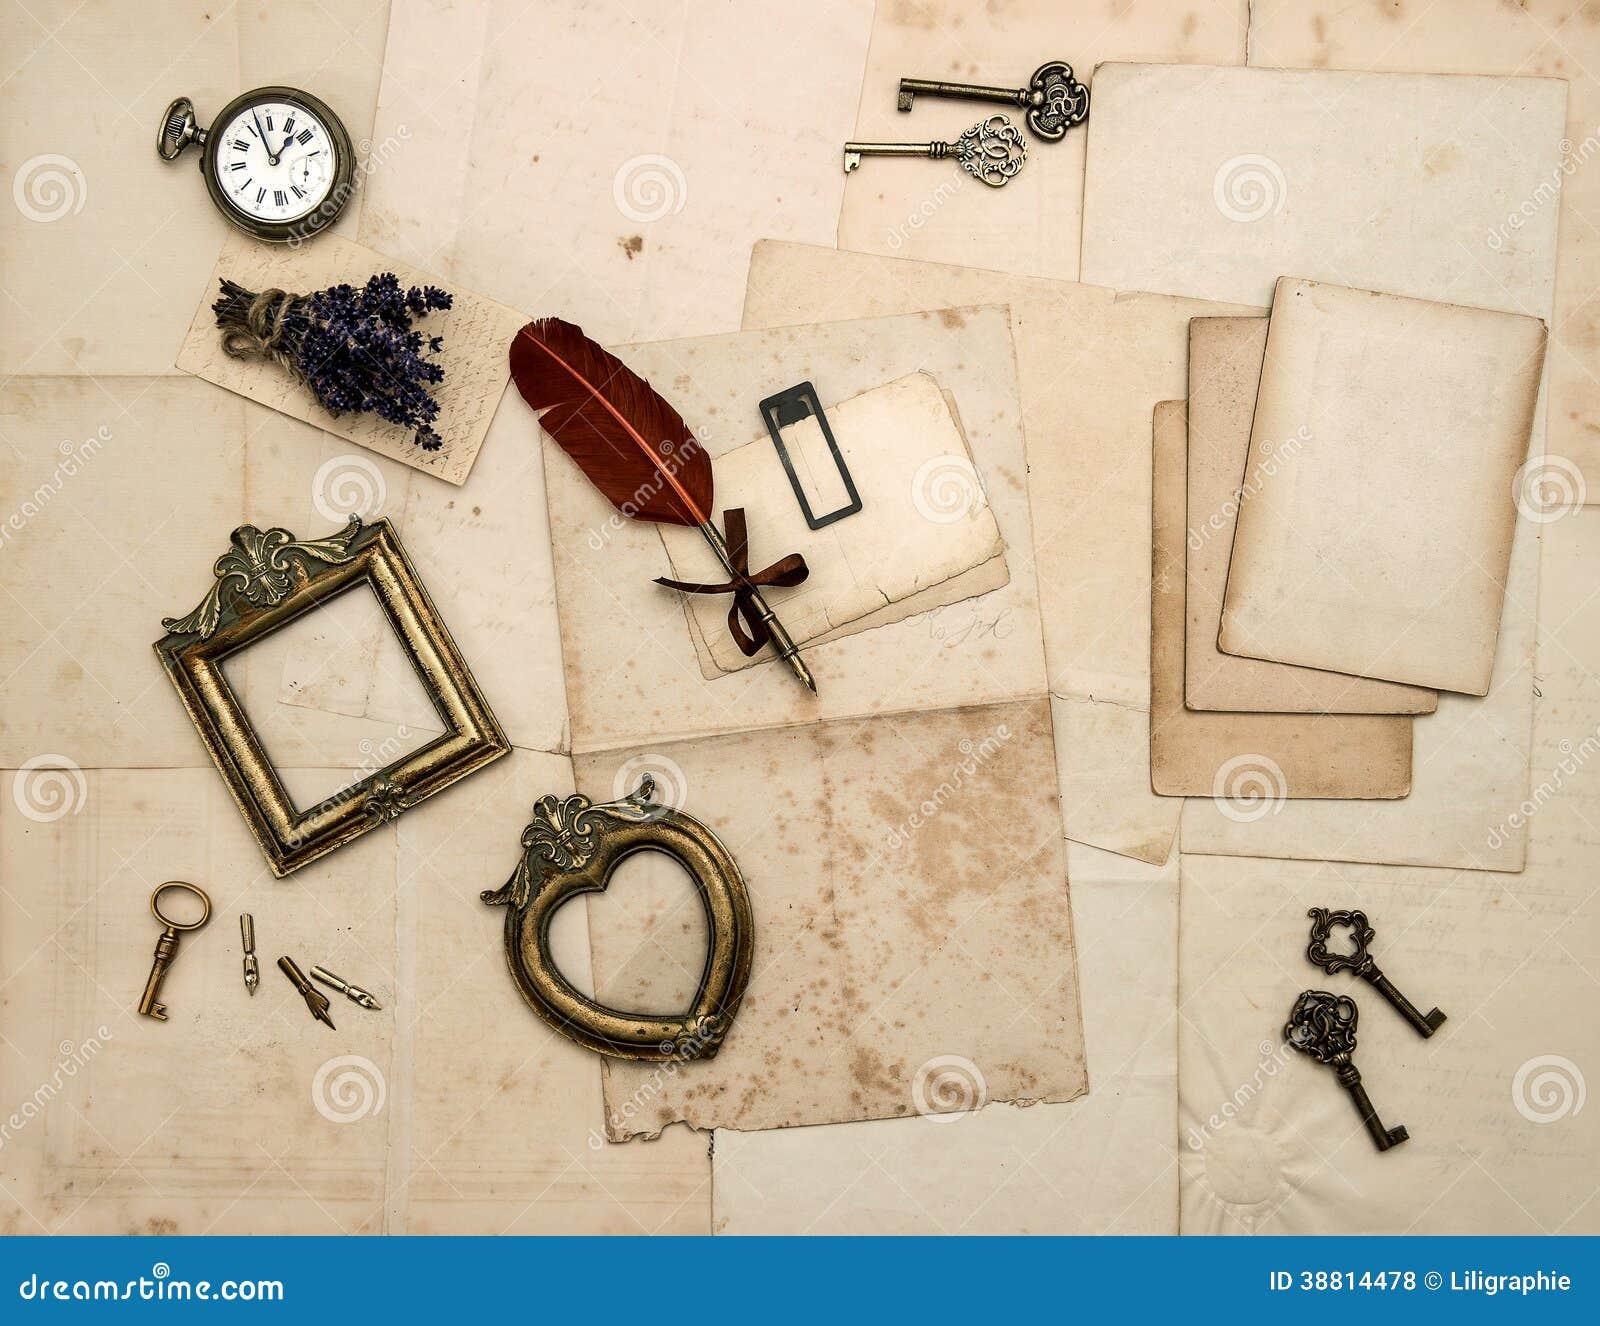 accessoires de vintage vieilles lettres cadres de photo. Black Bedroom Furniture Sets. Home Design Ideas